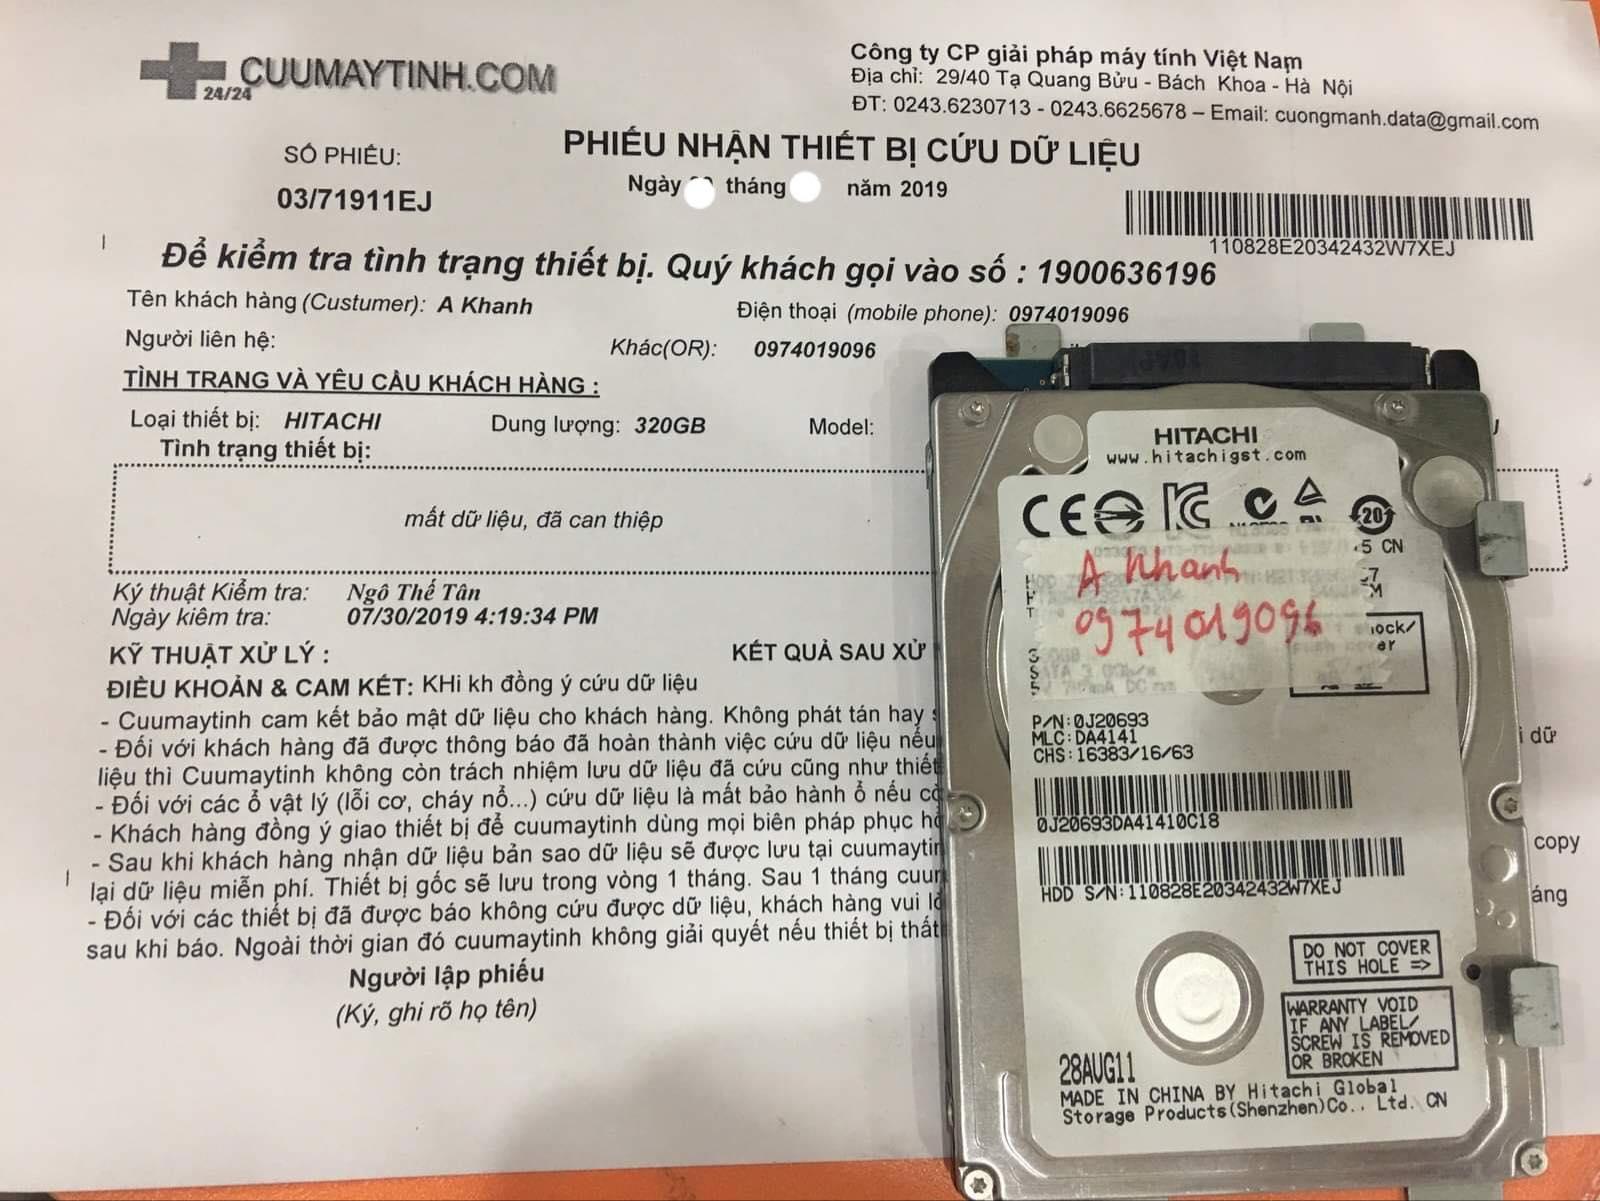 Cứu dữ liệu ổ cứng Hitachi 320GB mất dữ liệu  01/08/2019 - cuumaytinh